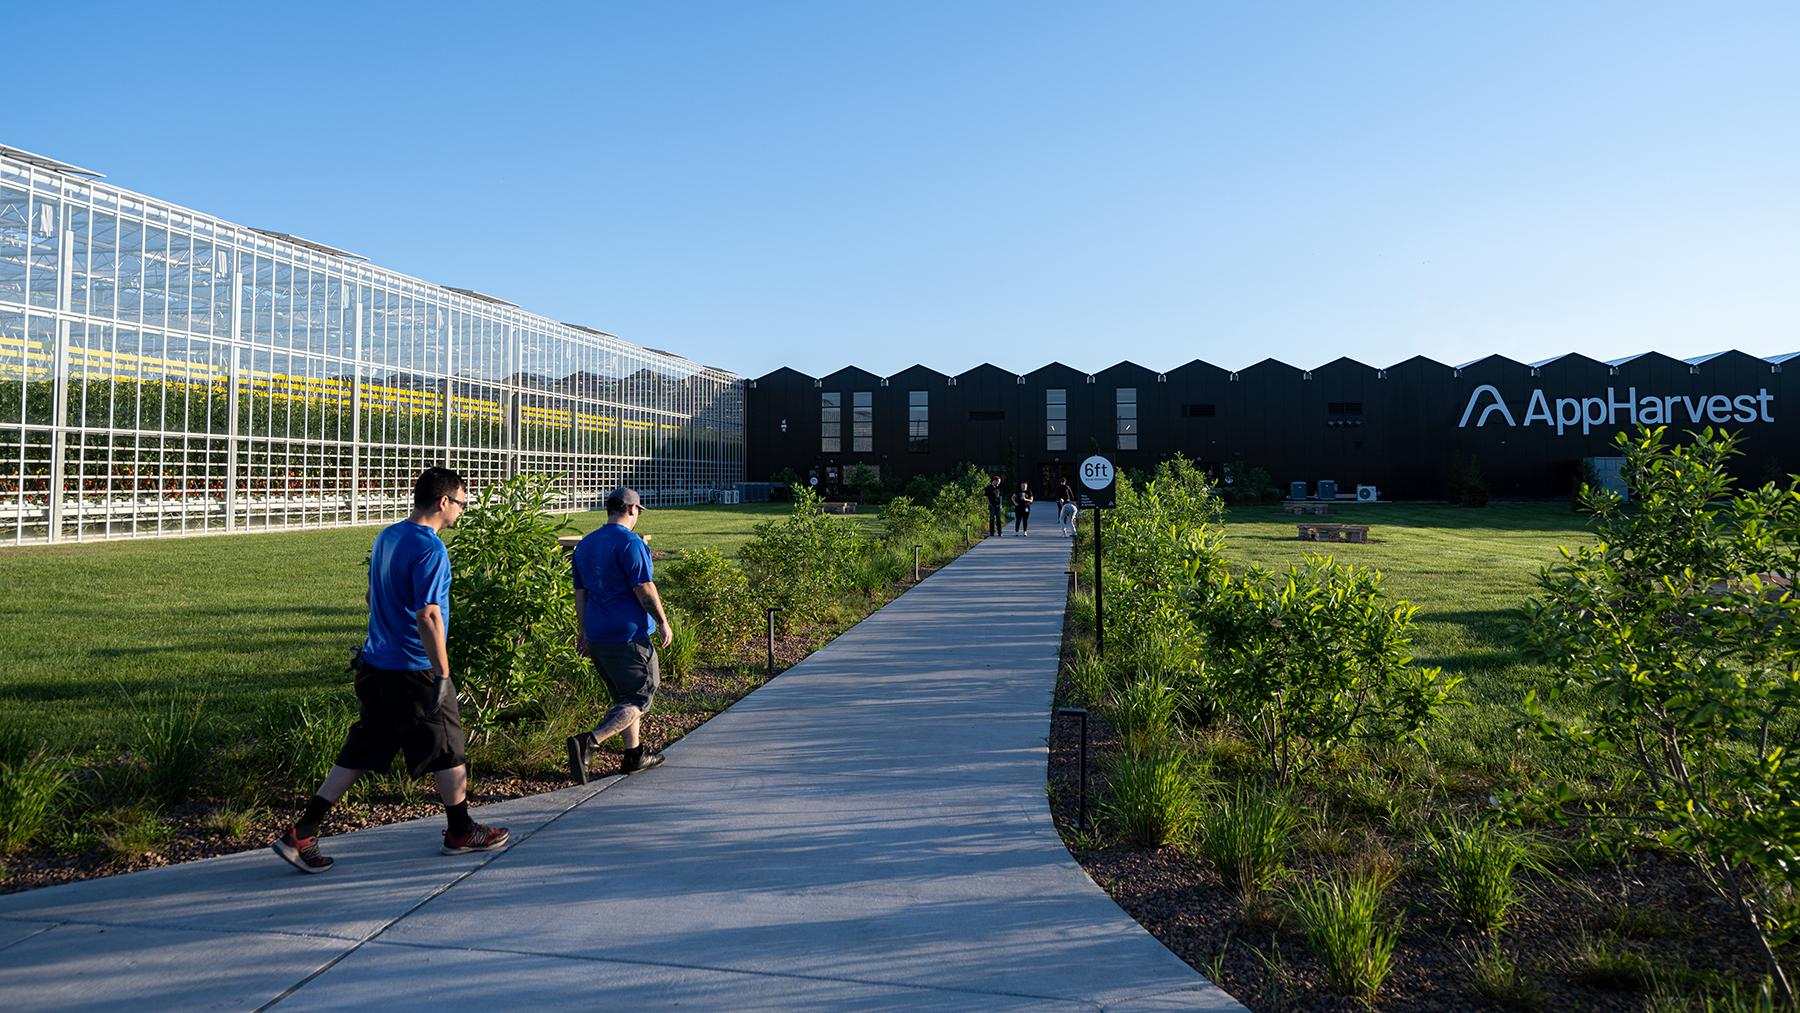 MOREHEAD, KY - 15 GIUGNO: I dipendenti camminano lungo un sentiero fino all'ingresso principale di Appharvest, una serra incentrata sulla tecnologia, il 15 giugno 2021 a Morehead, KY. (Foto di Jon Cherry per Rolling Stone)